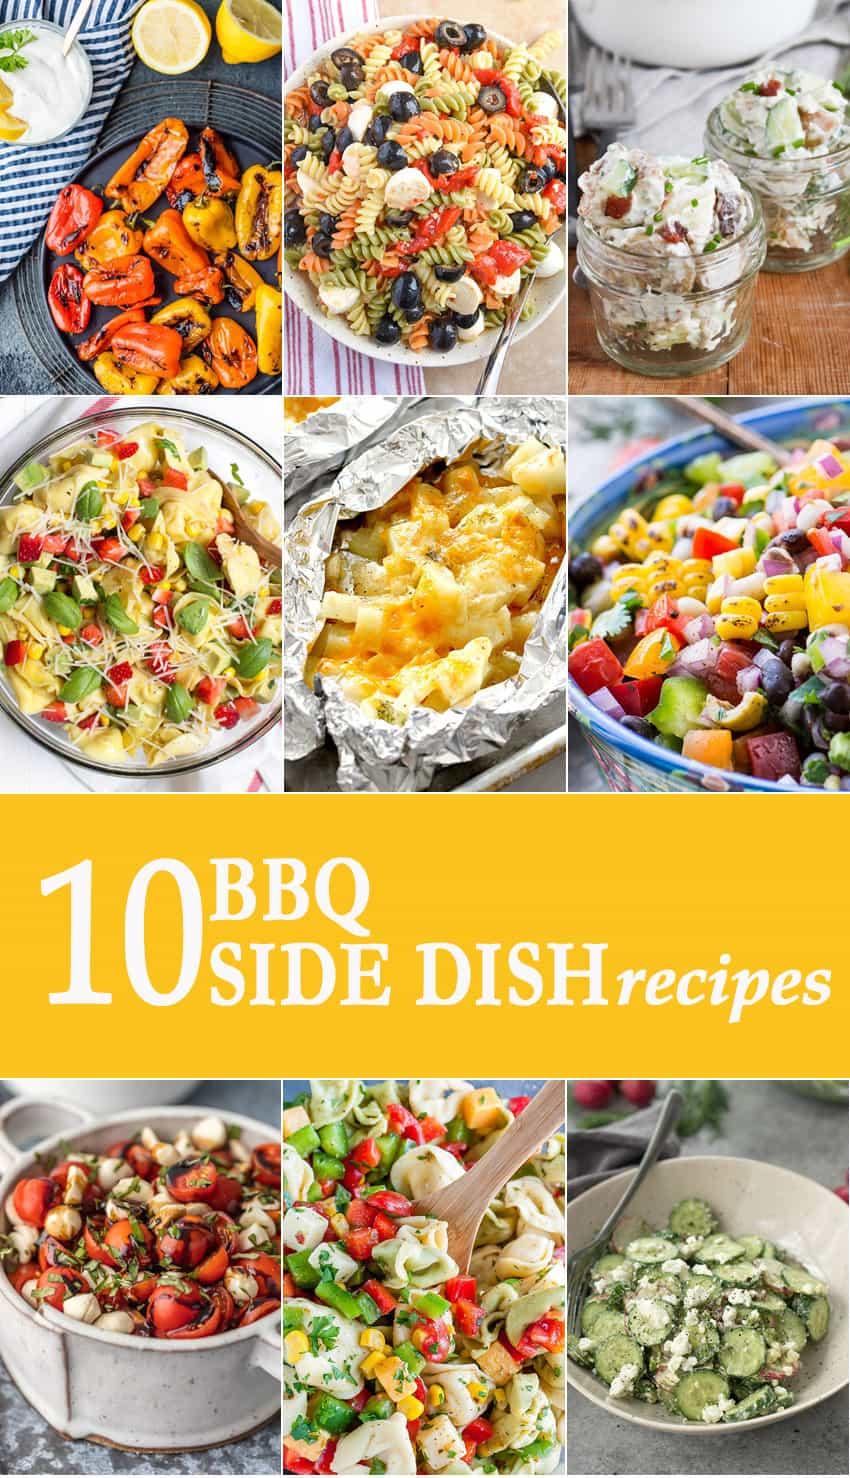 10 BBQ Side Dish Recipes